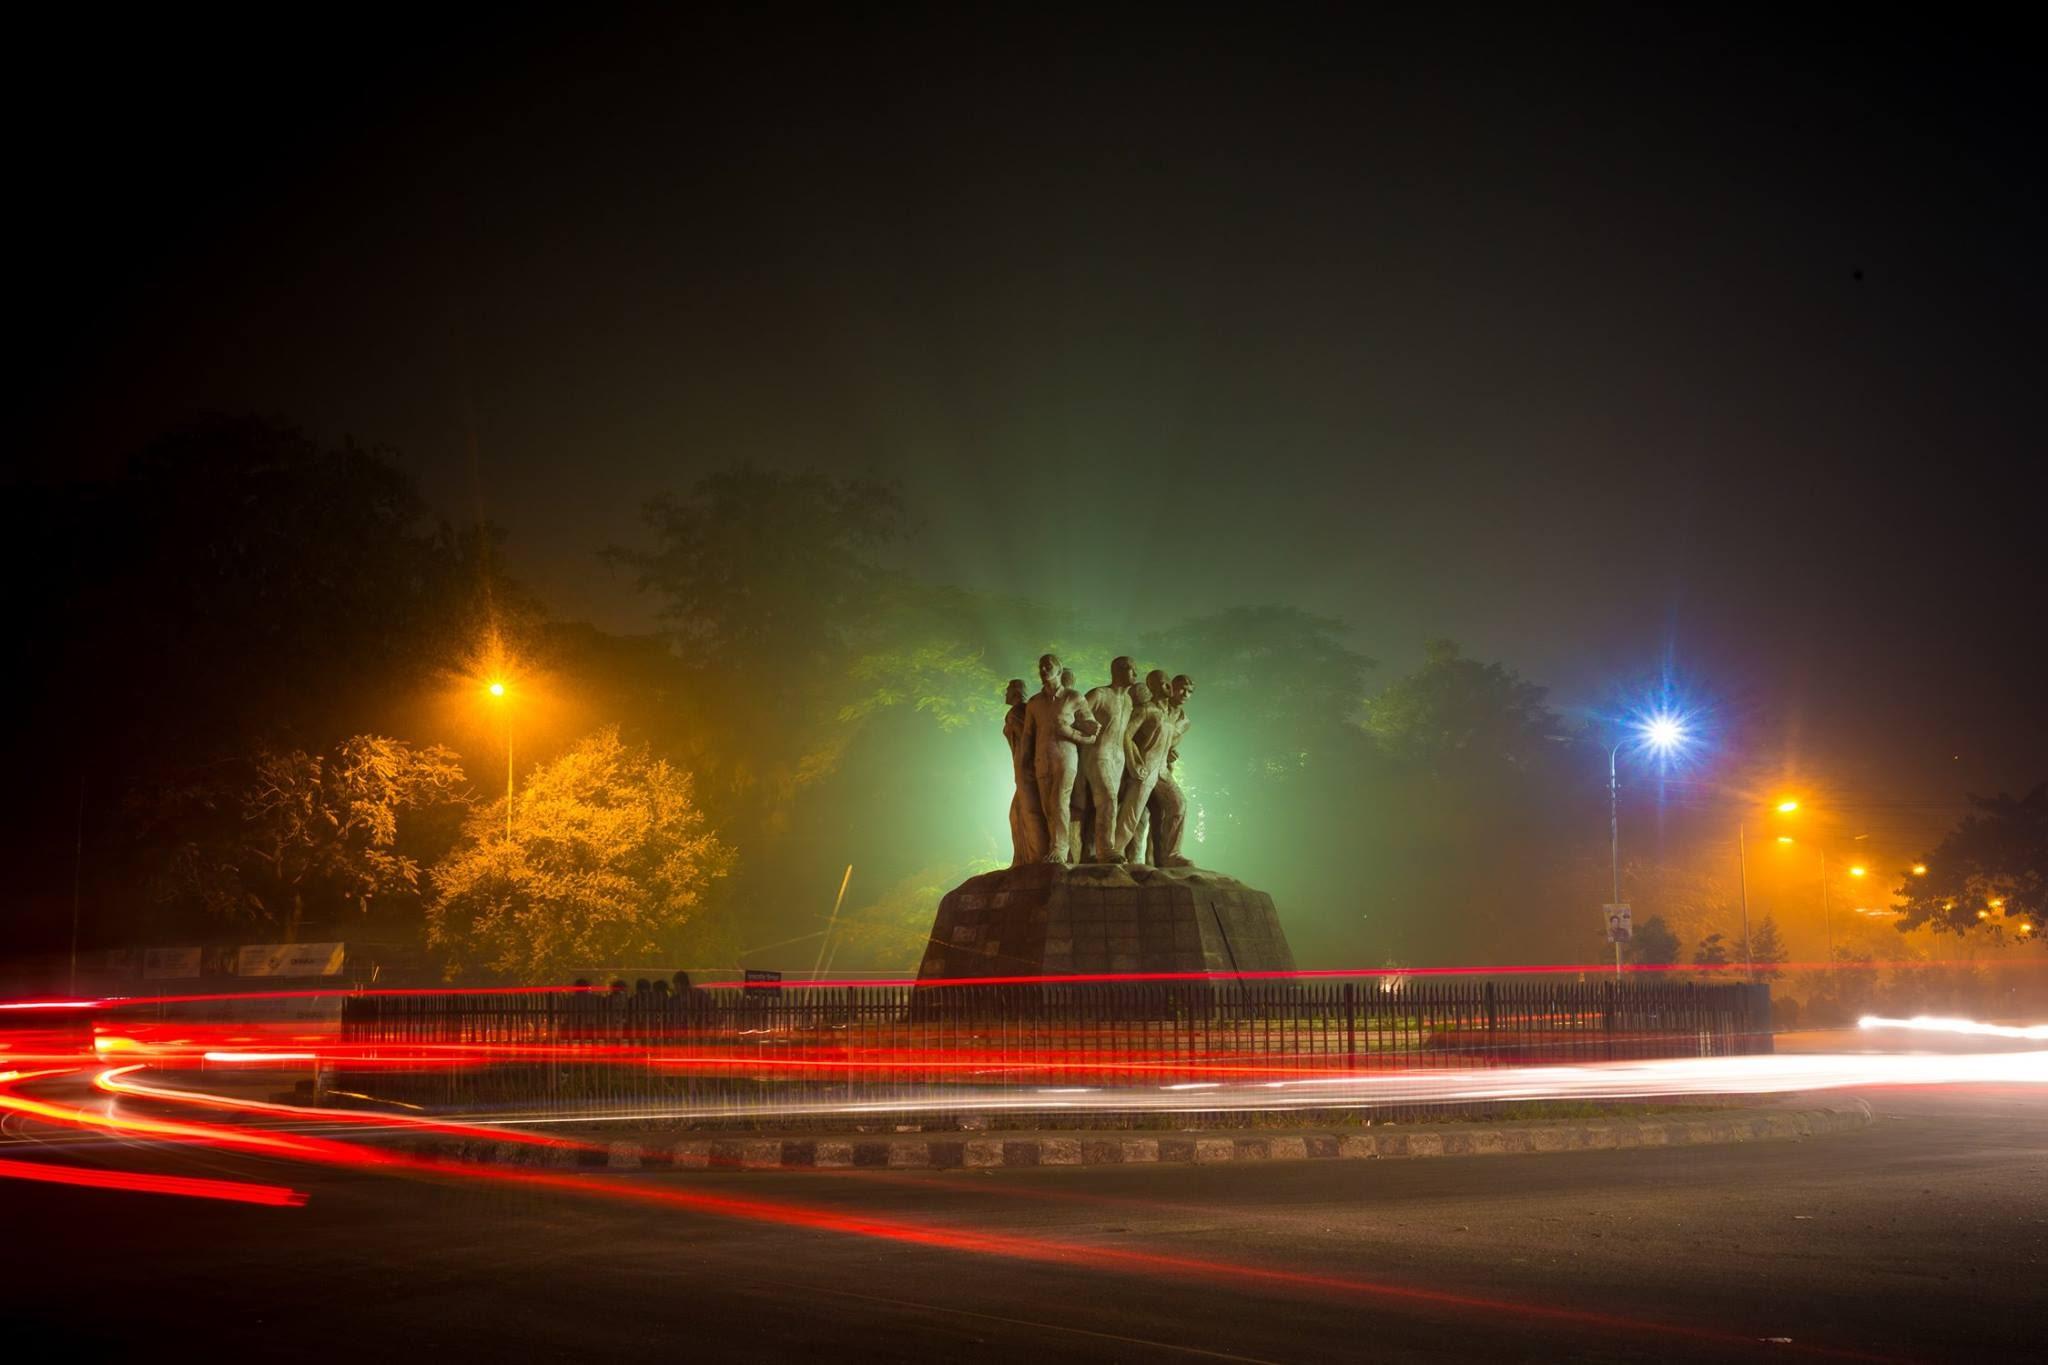 সারাবাংলা প্রাইম নিউজ ৯ জুলাই ২০১৮